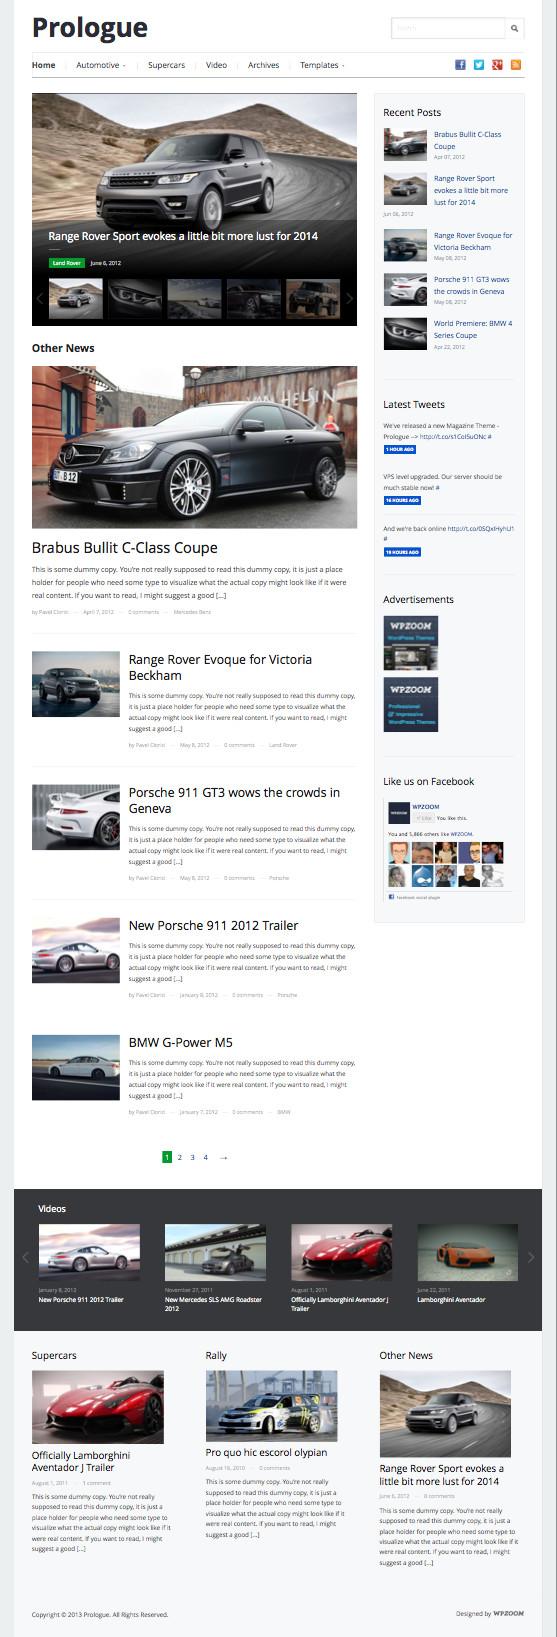 Prologue WordPress Bold Magazine Theme